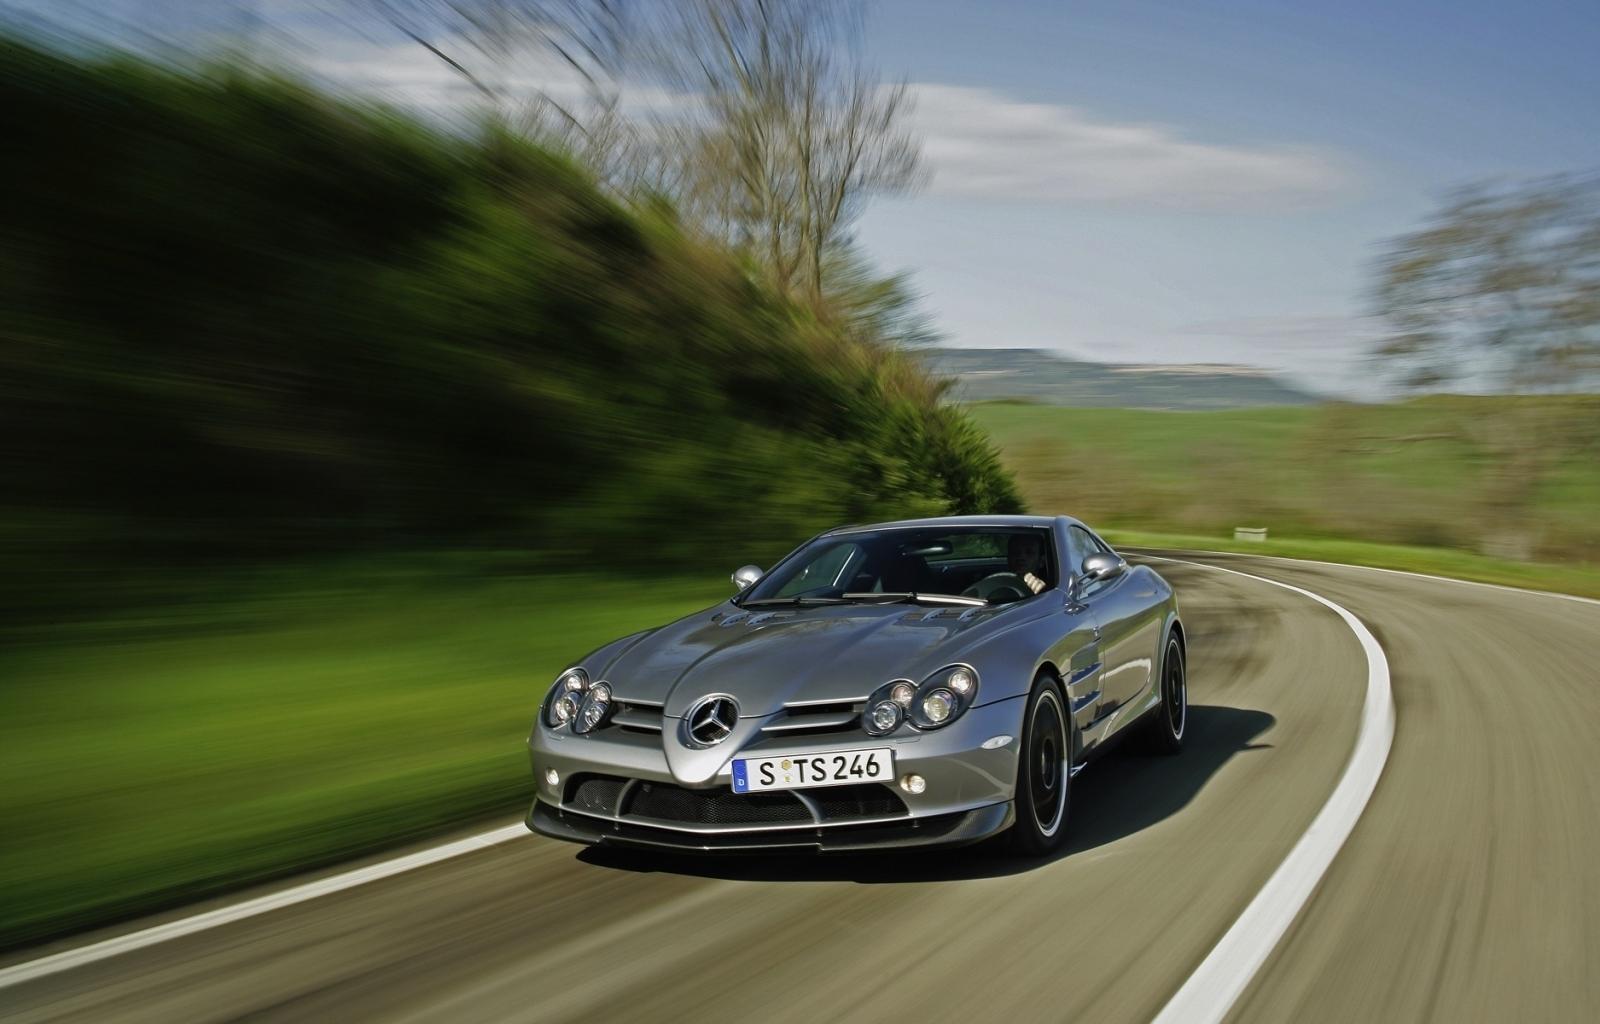 594 скачать обои Транспорт, Машины, Дороги, Мерседес (Mercedes) - заставки и картинки бесплатно